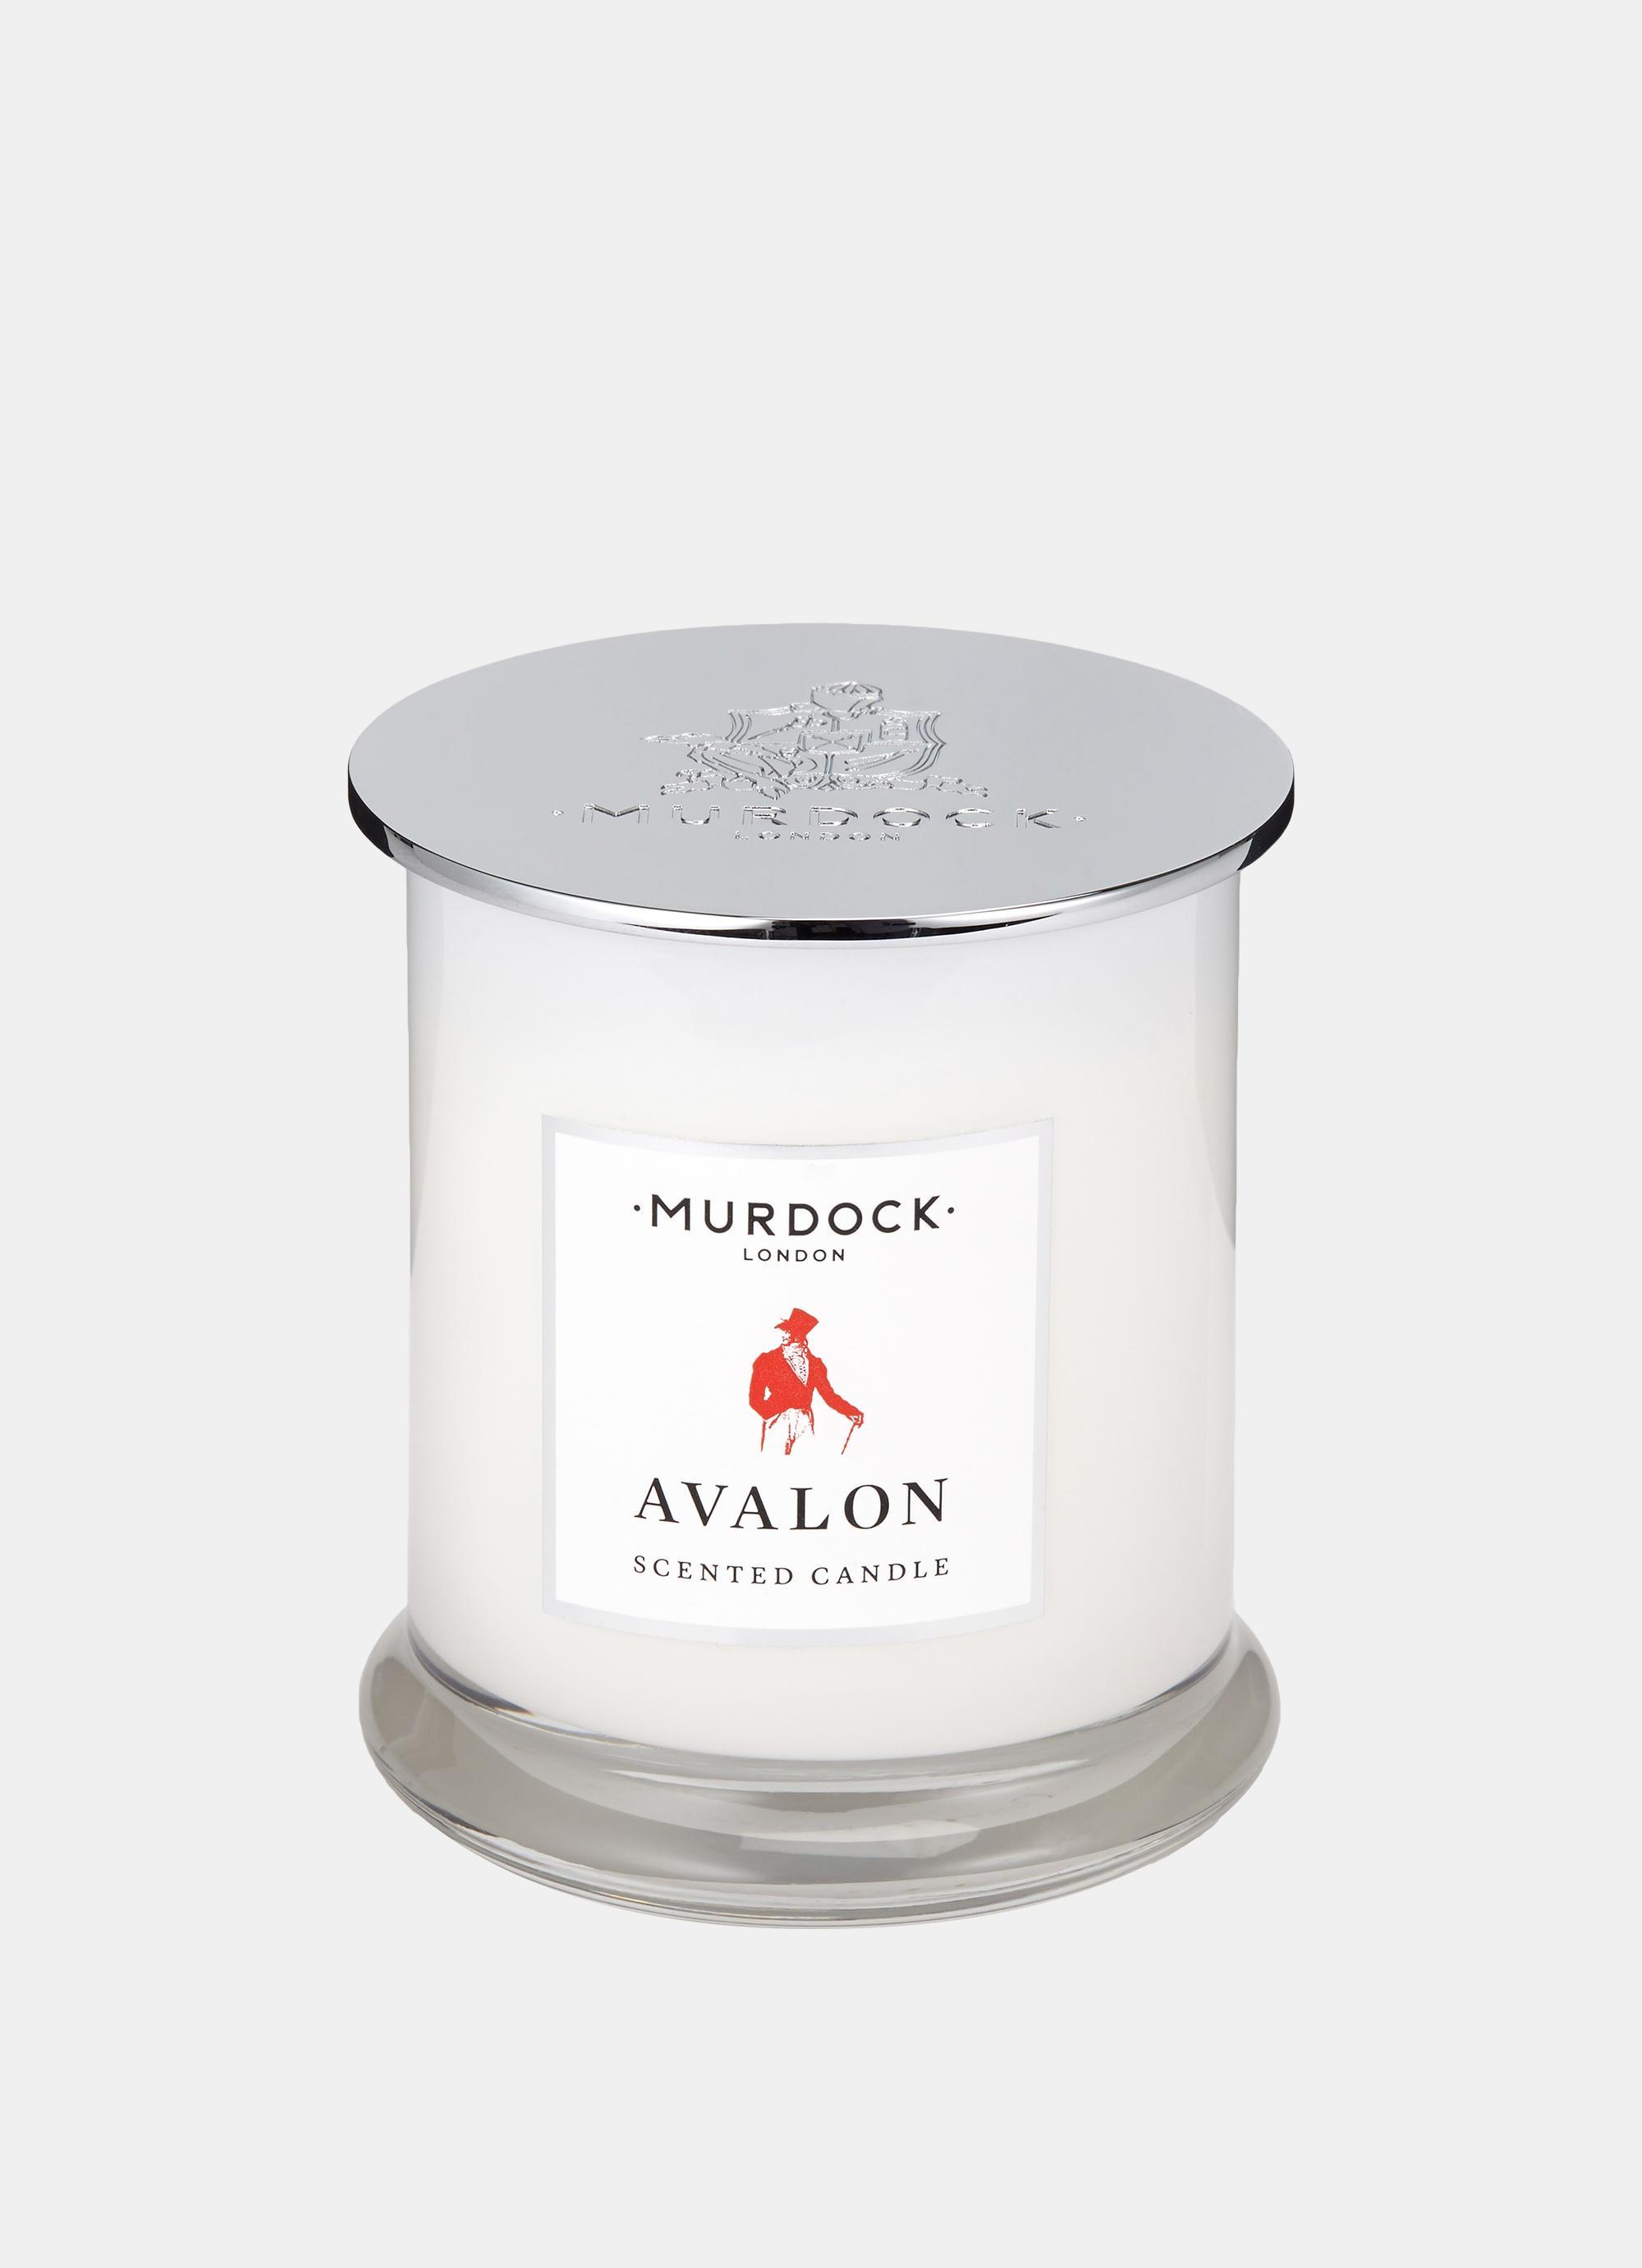 Hackett Murdock Avalon Candle In Z